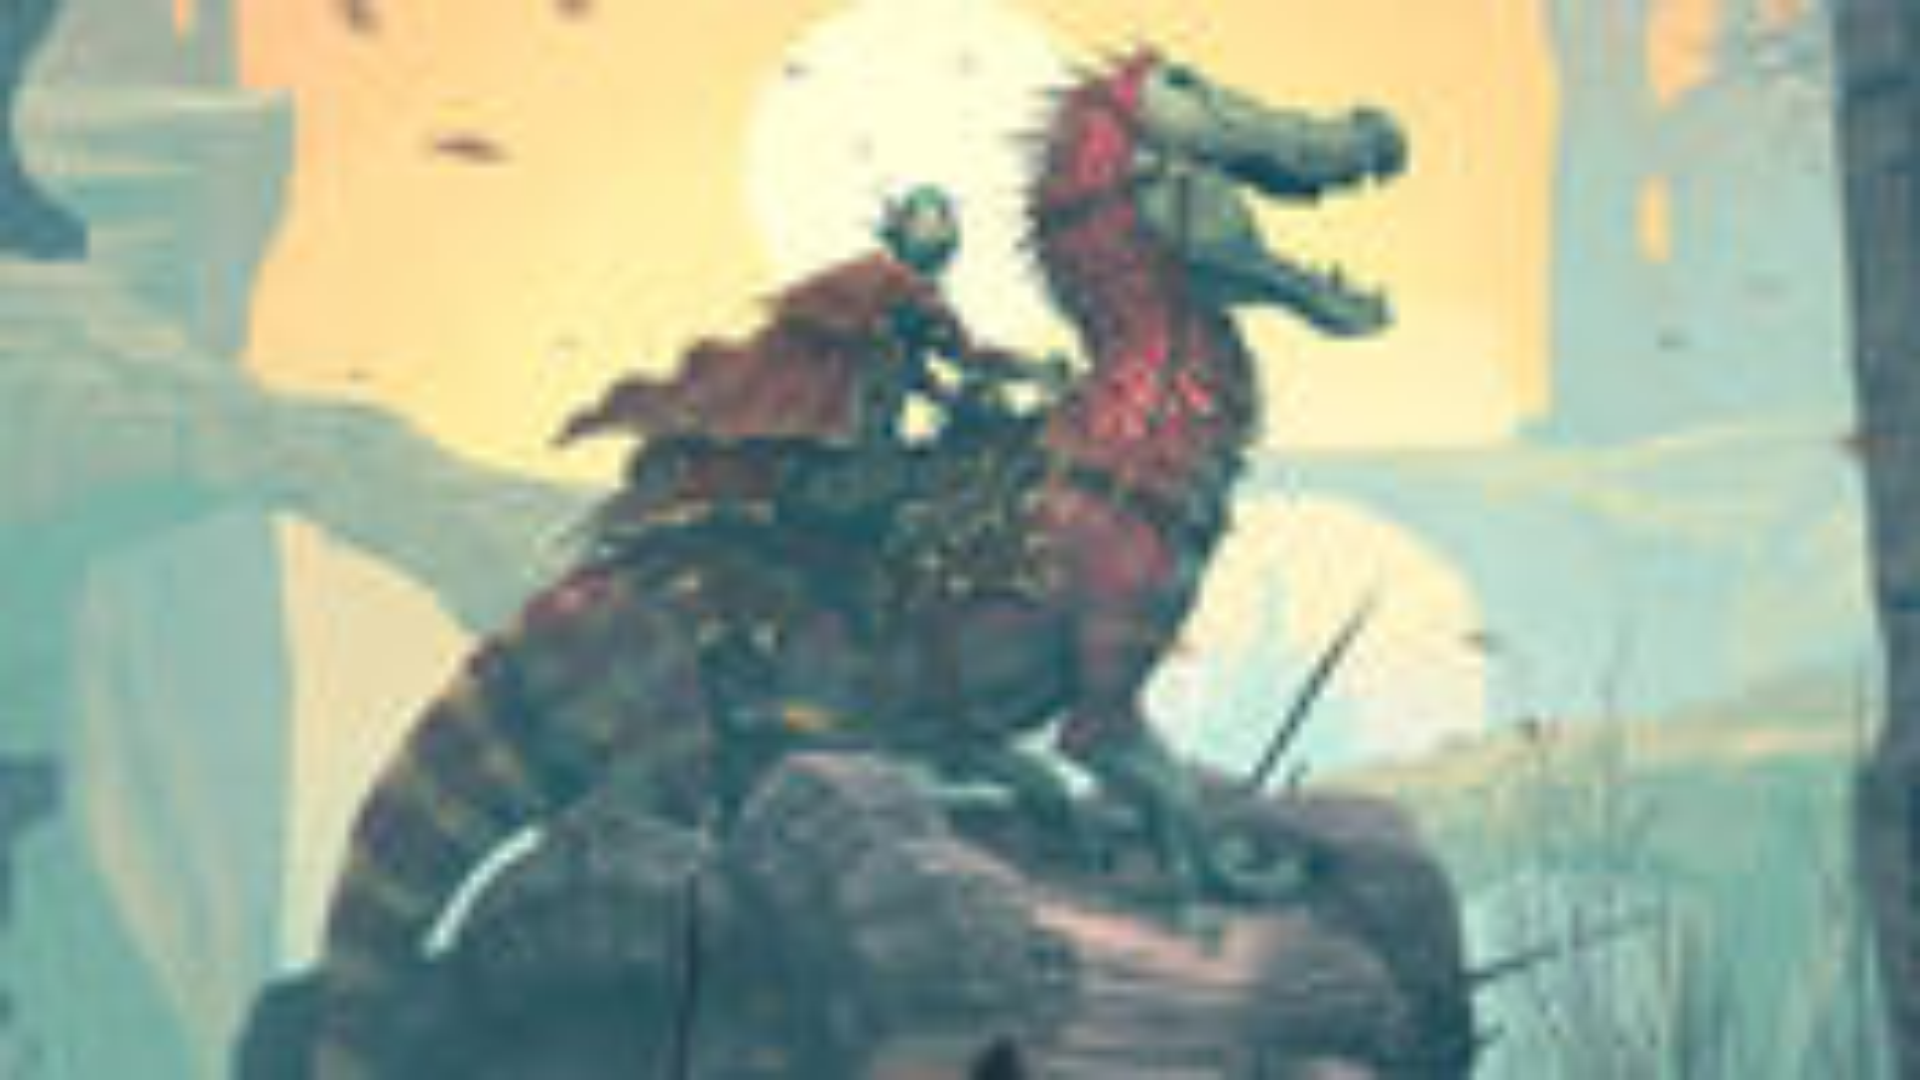 Forbidden Lands RPG artwork